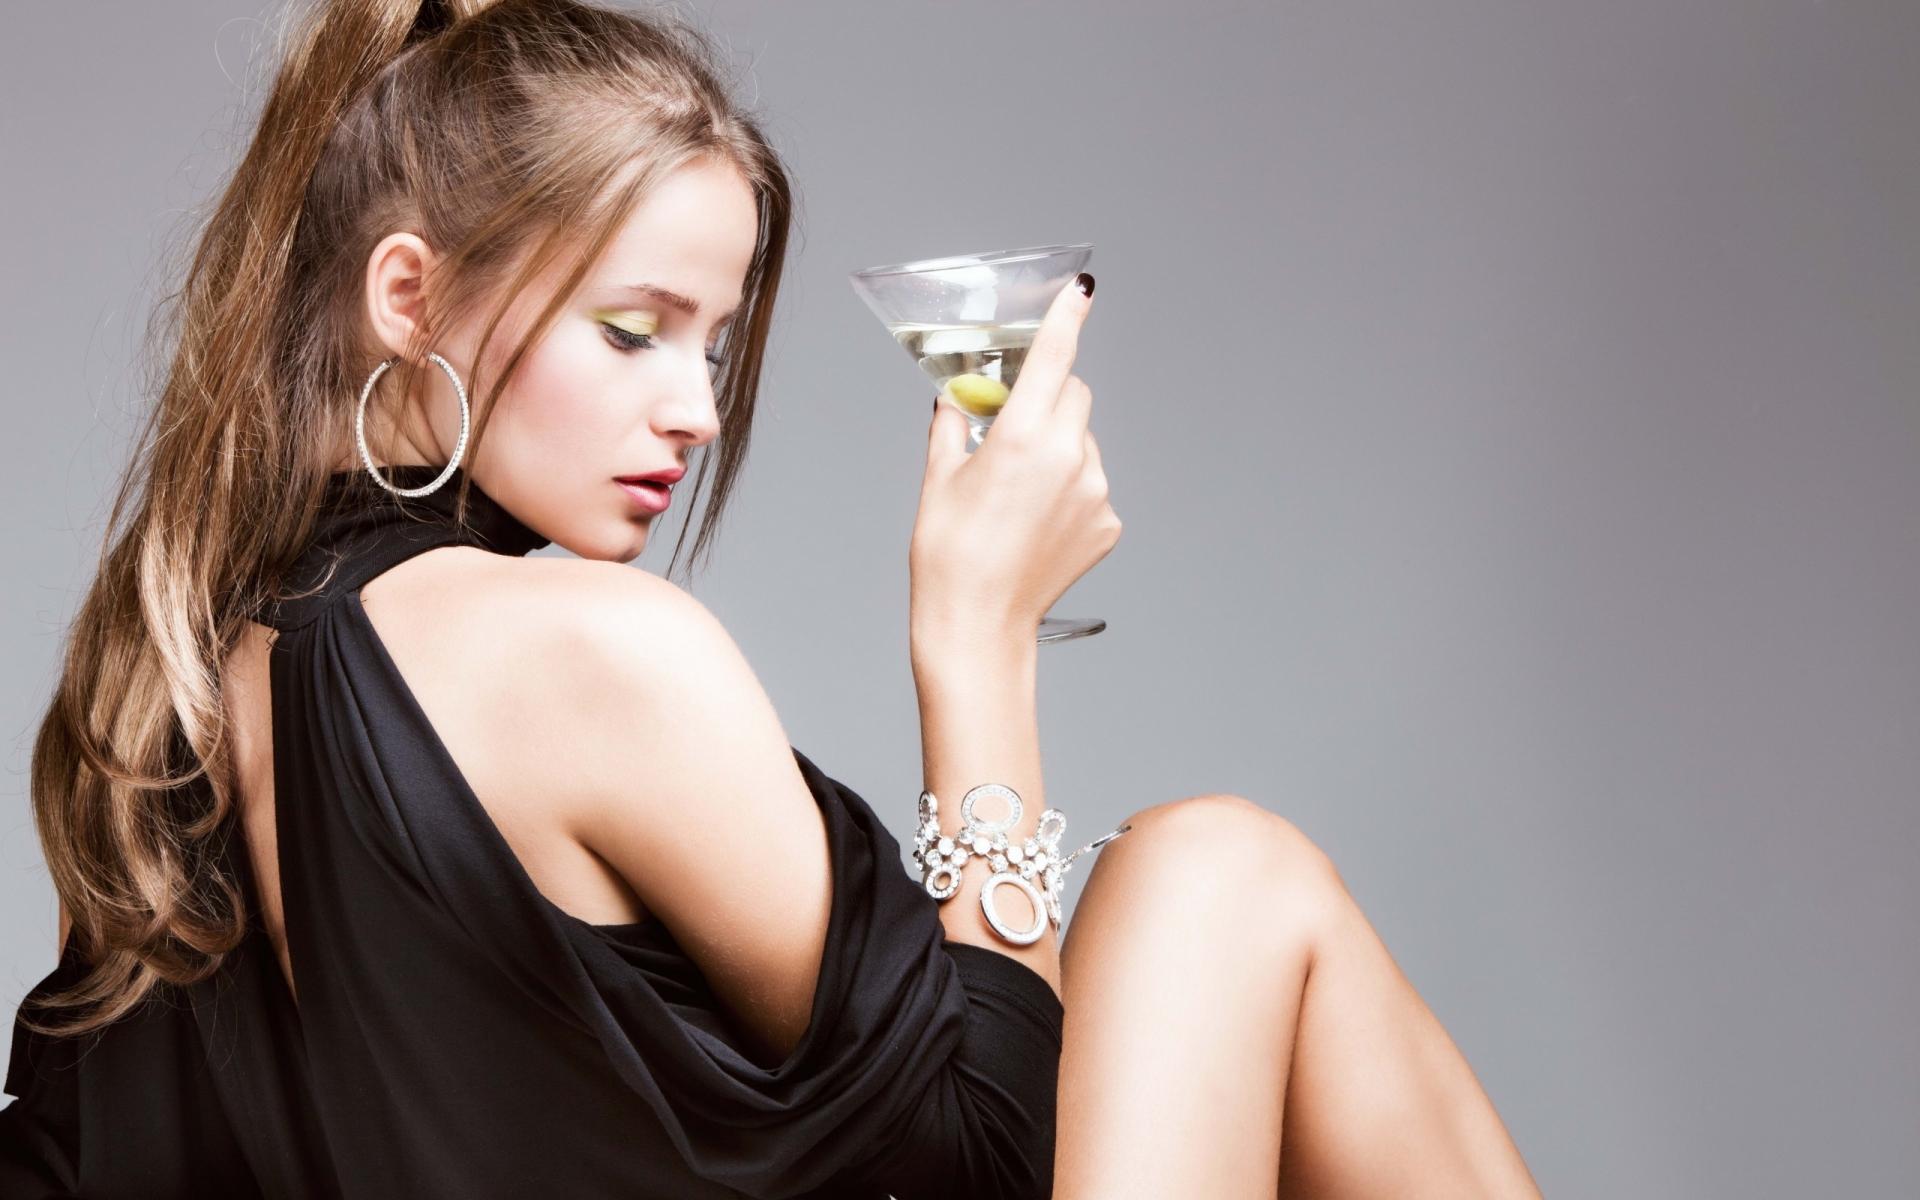 una-chica-con-copa-de-martini_1920x1200_964